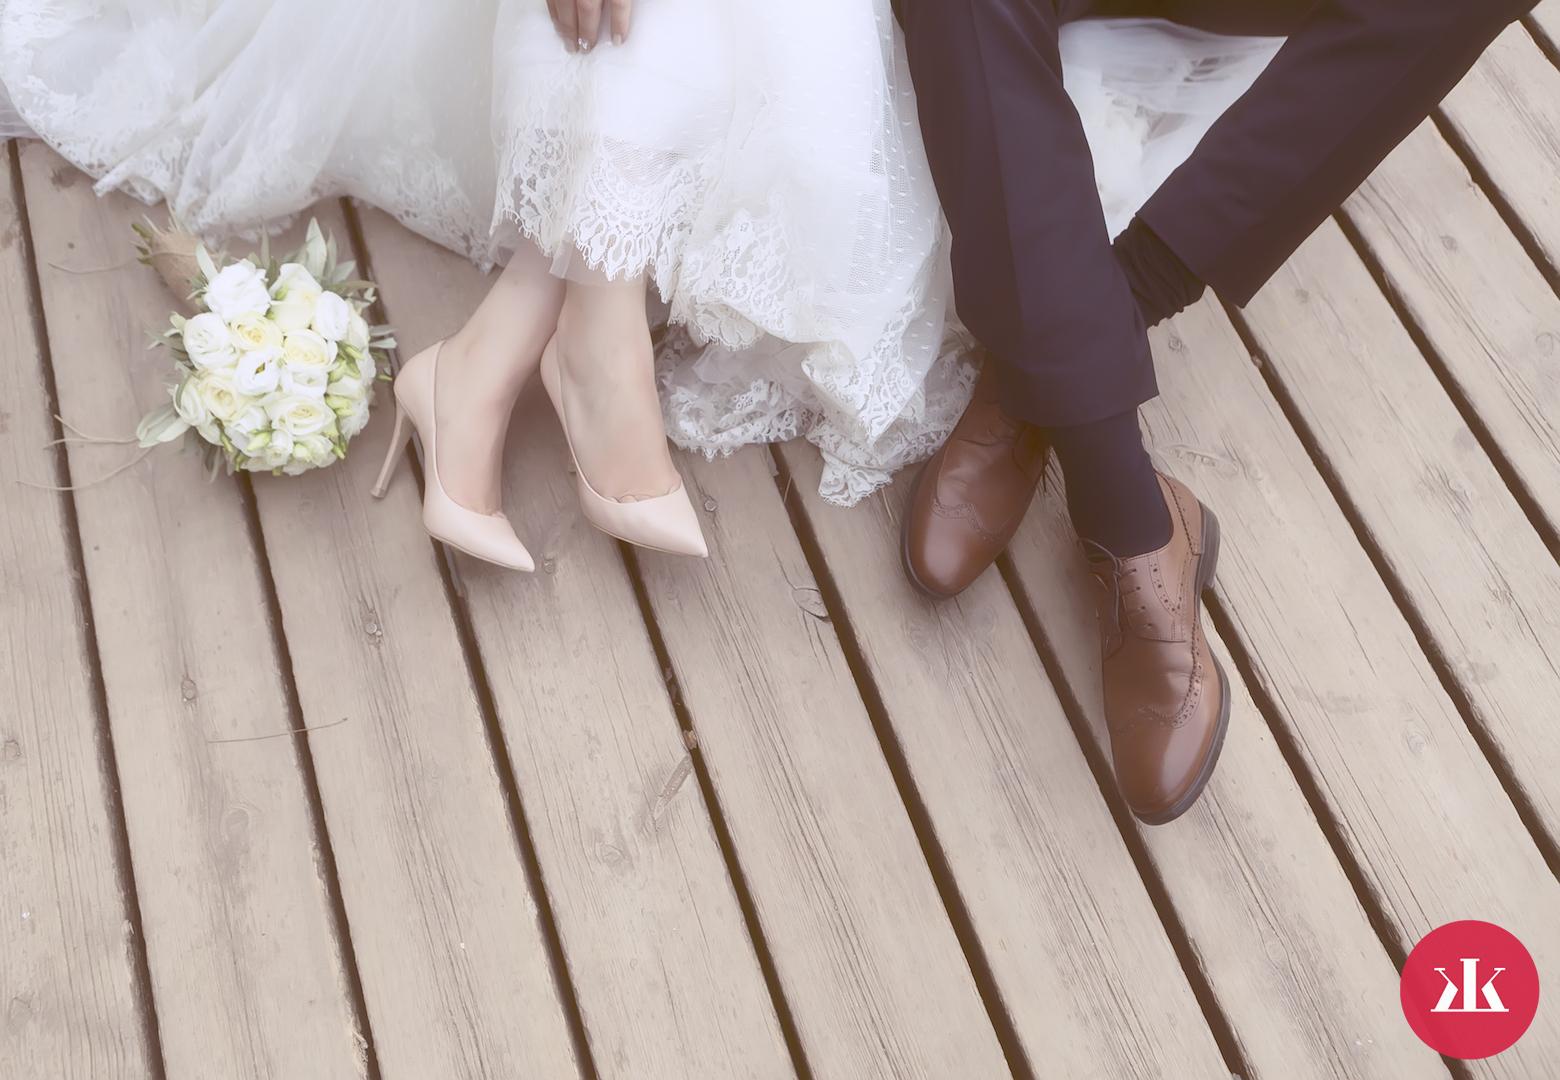 ba3517cb8649 Ako si vybrať správne svadobné topánky  Drž sa týchto rád ...